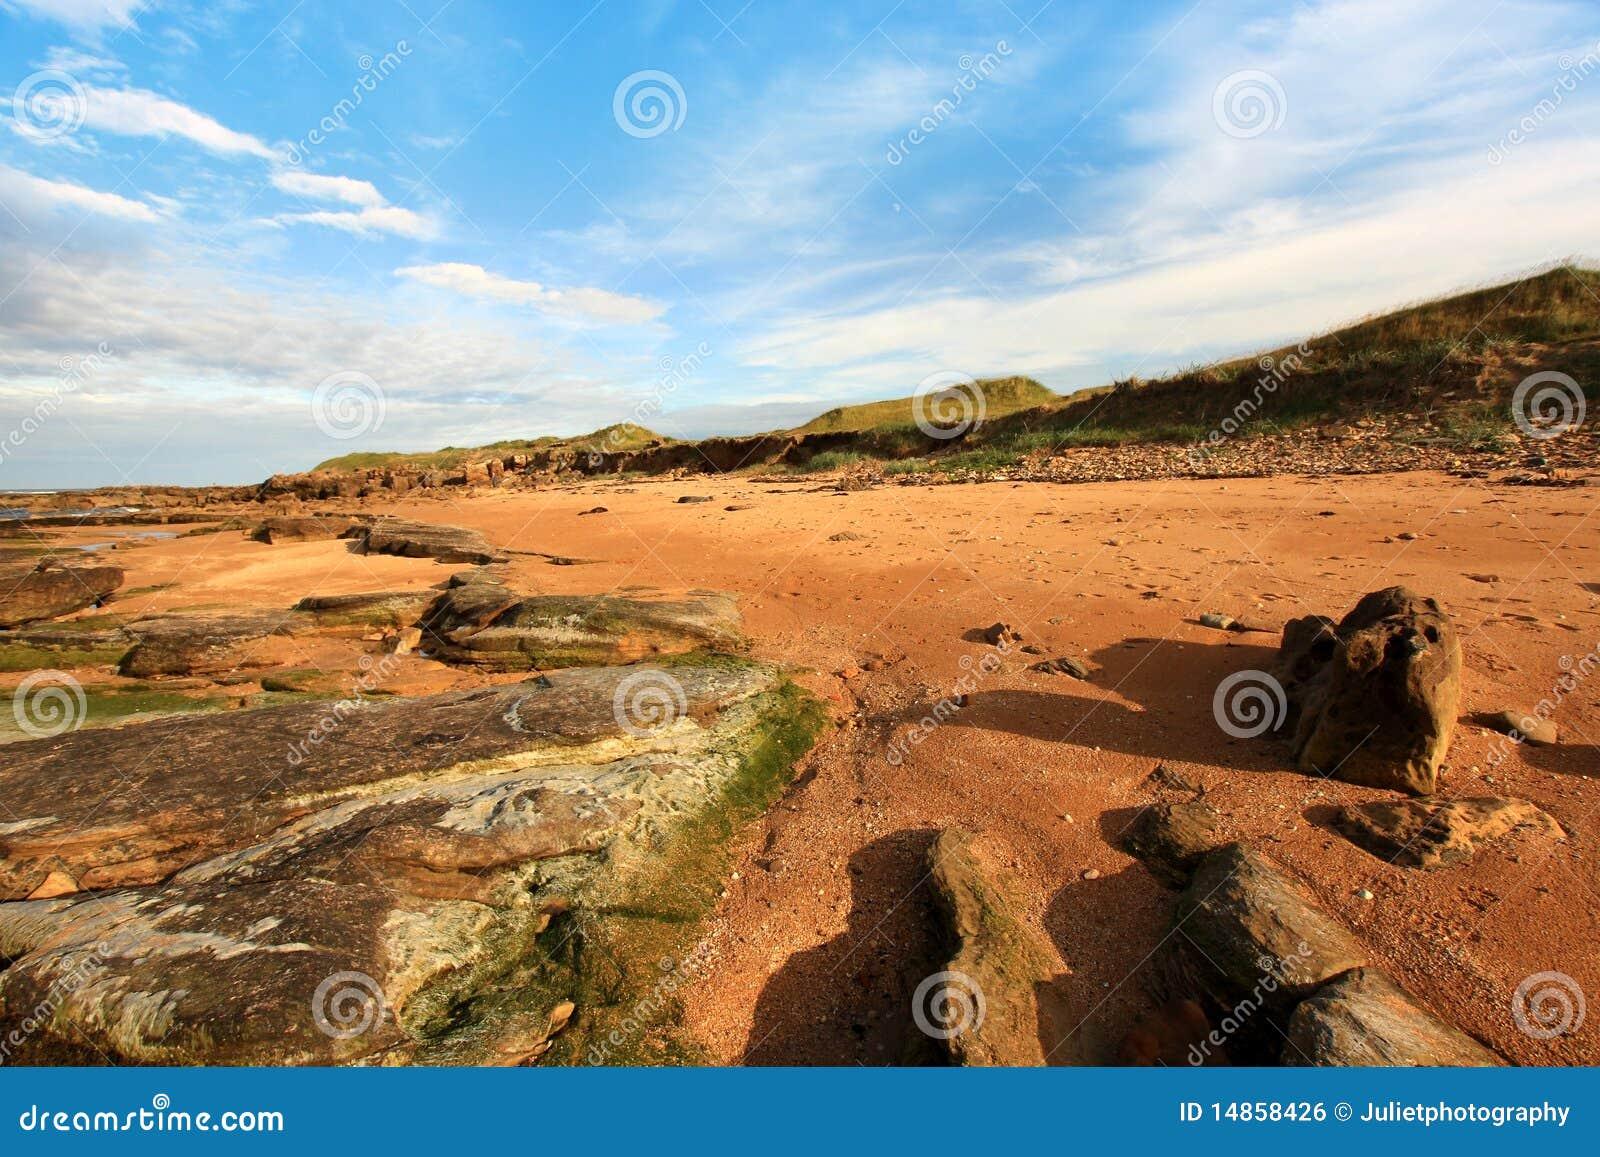 Cambo Sands in Scotland